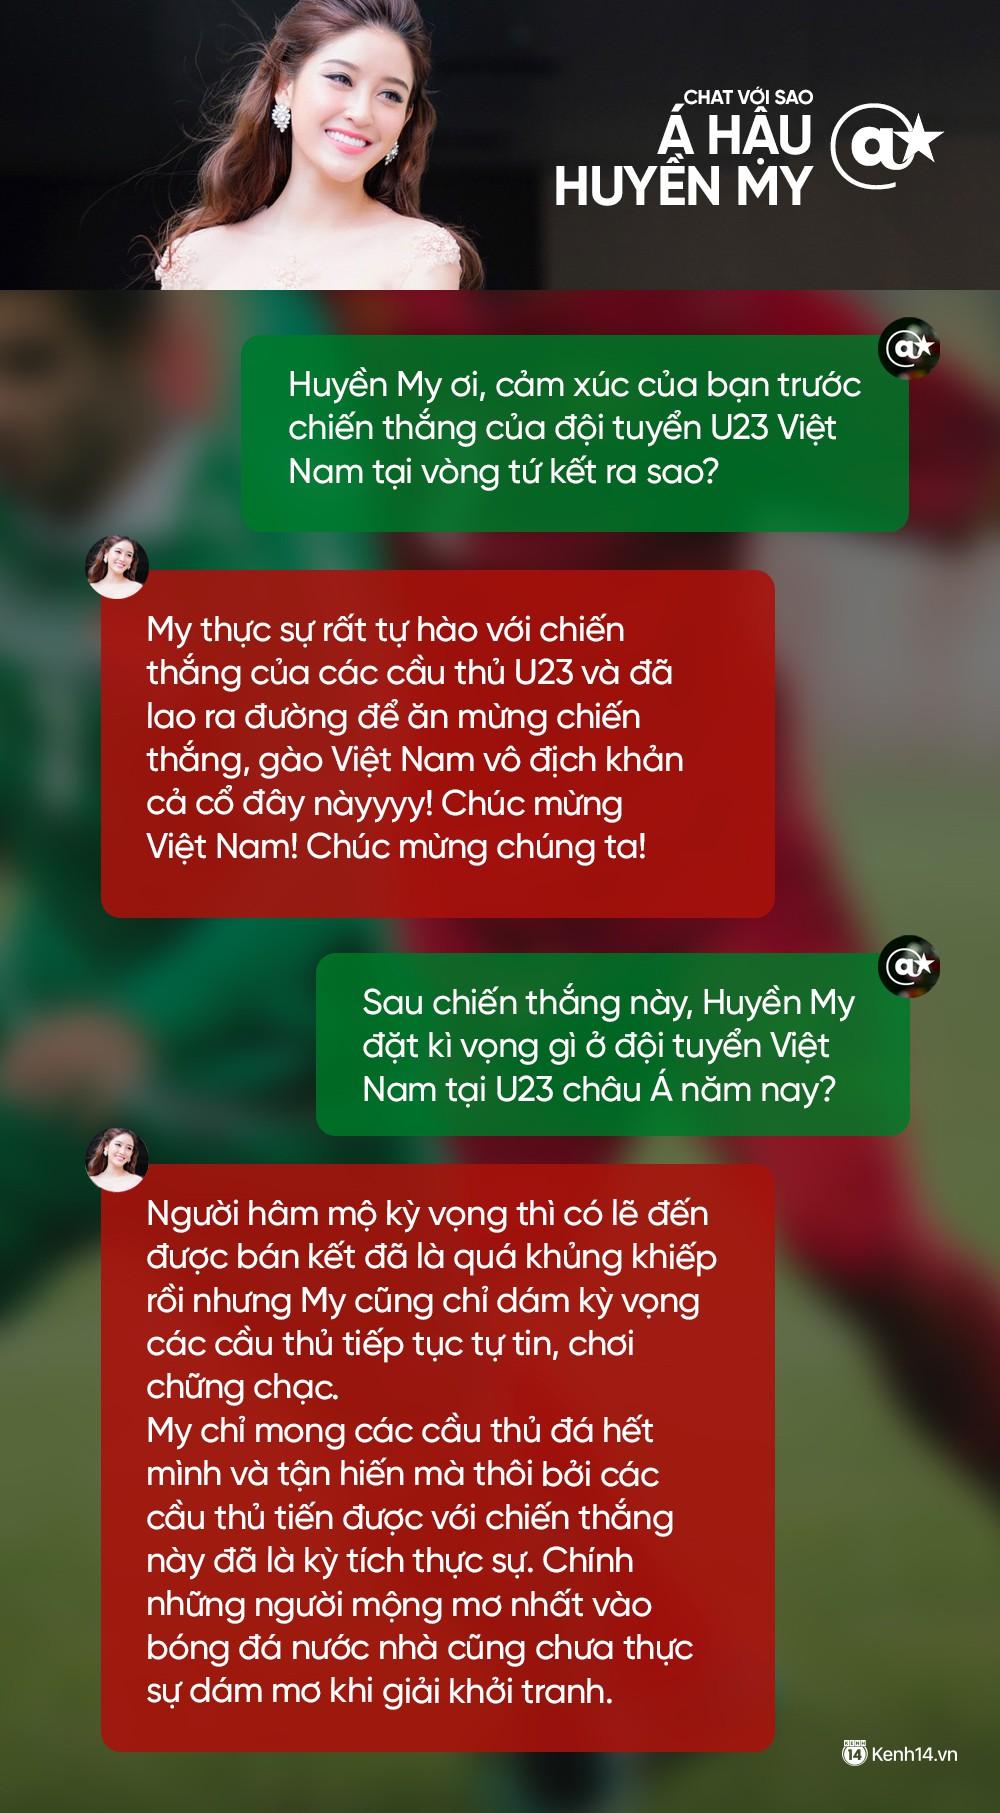 Chat cực nhanh: Tuấn Hưng, Duy Mạnh và dàn sao hào hứng nhắn gửi đến U23 Việt Nam - Ảnh 5.